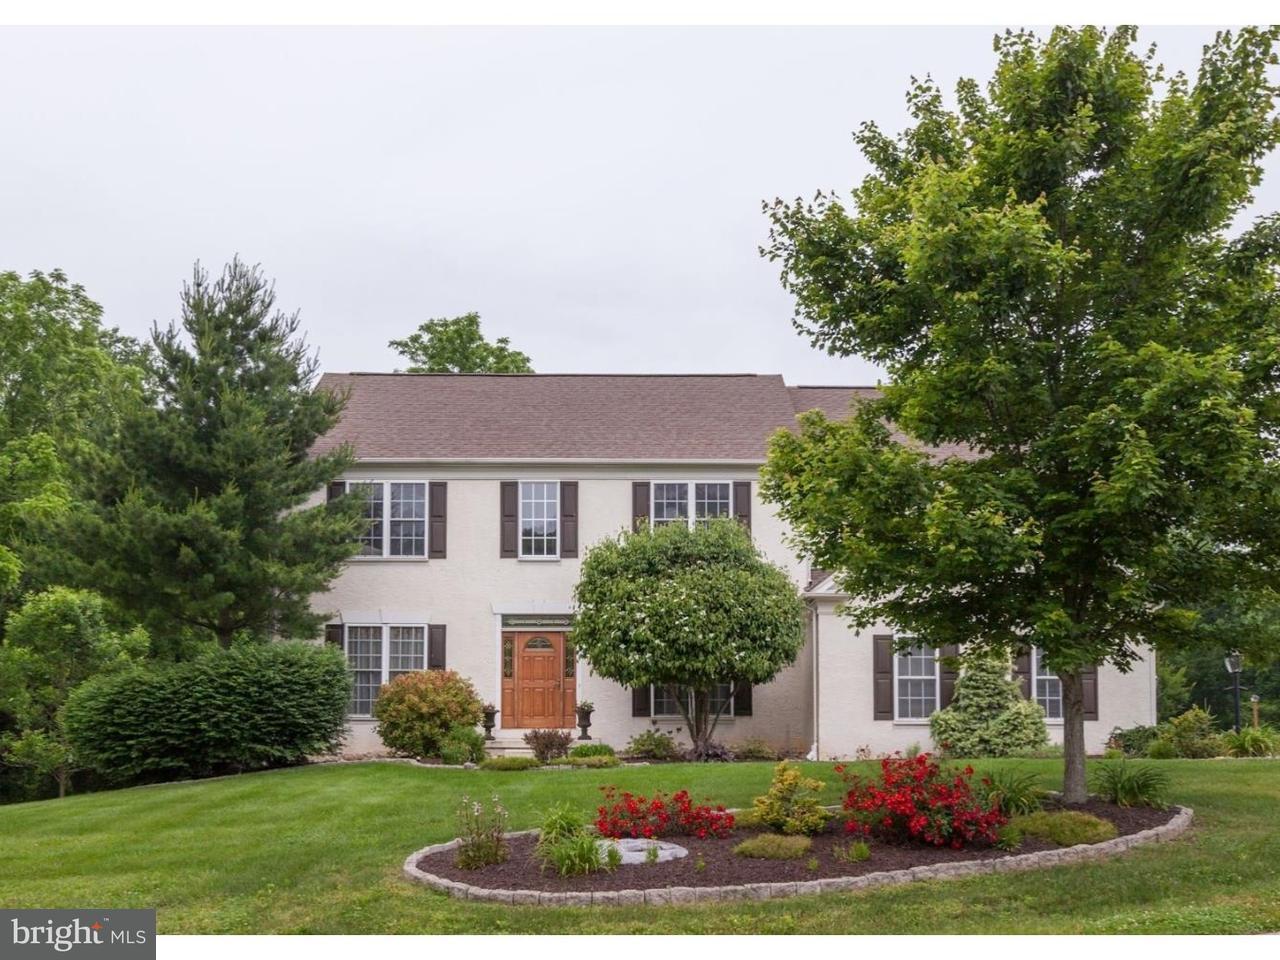 Casa Unifamiliar por un Venta en 121 BORDEN WAY Lincoln University, Pennsylvania 19352 Estados Unidos